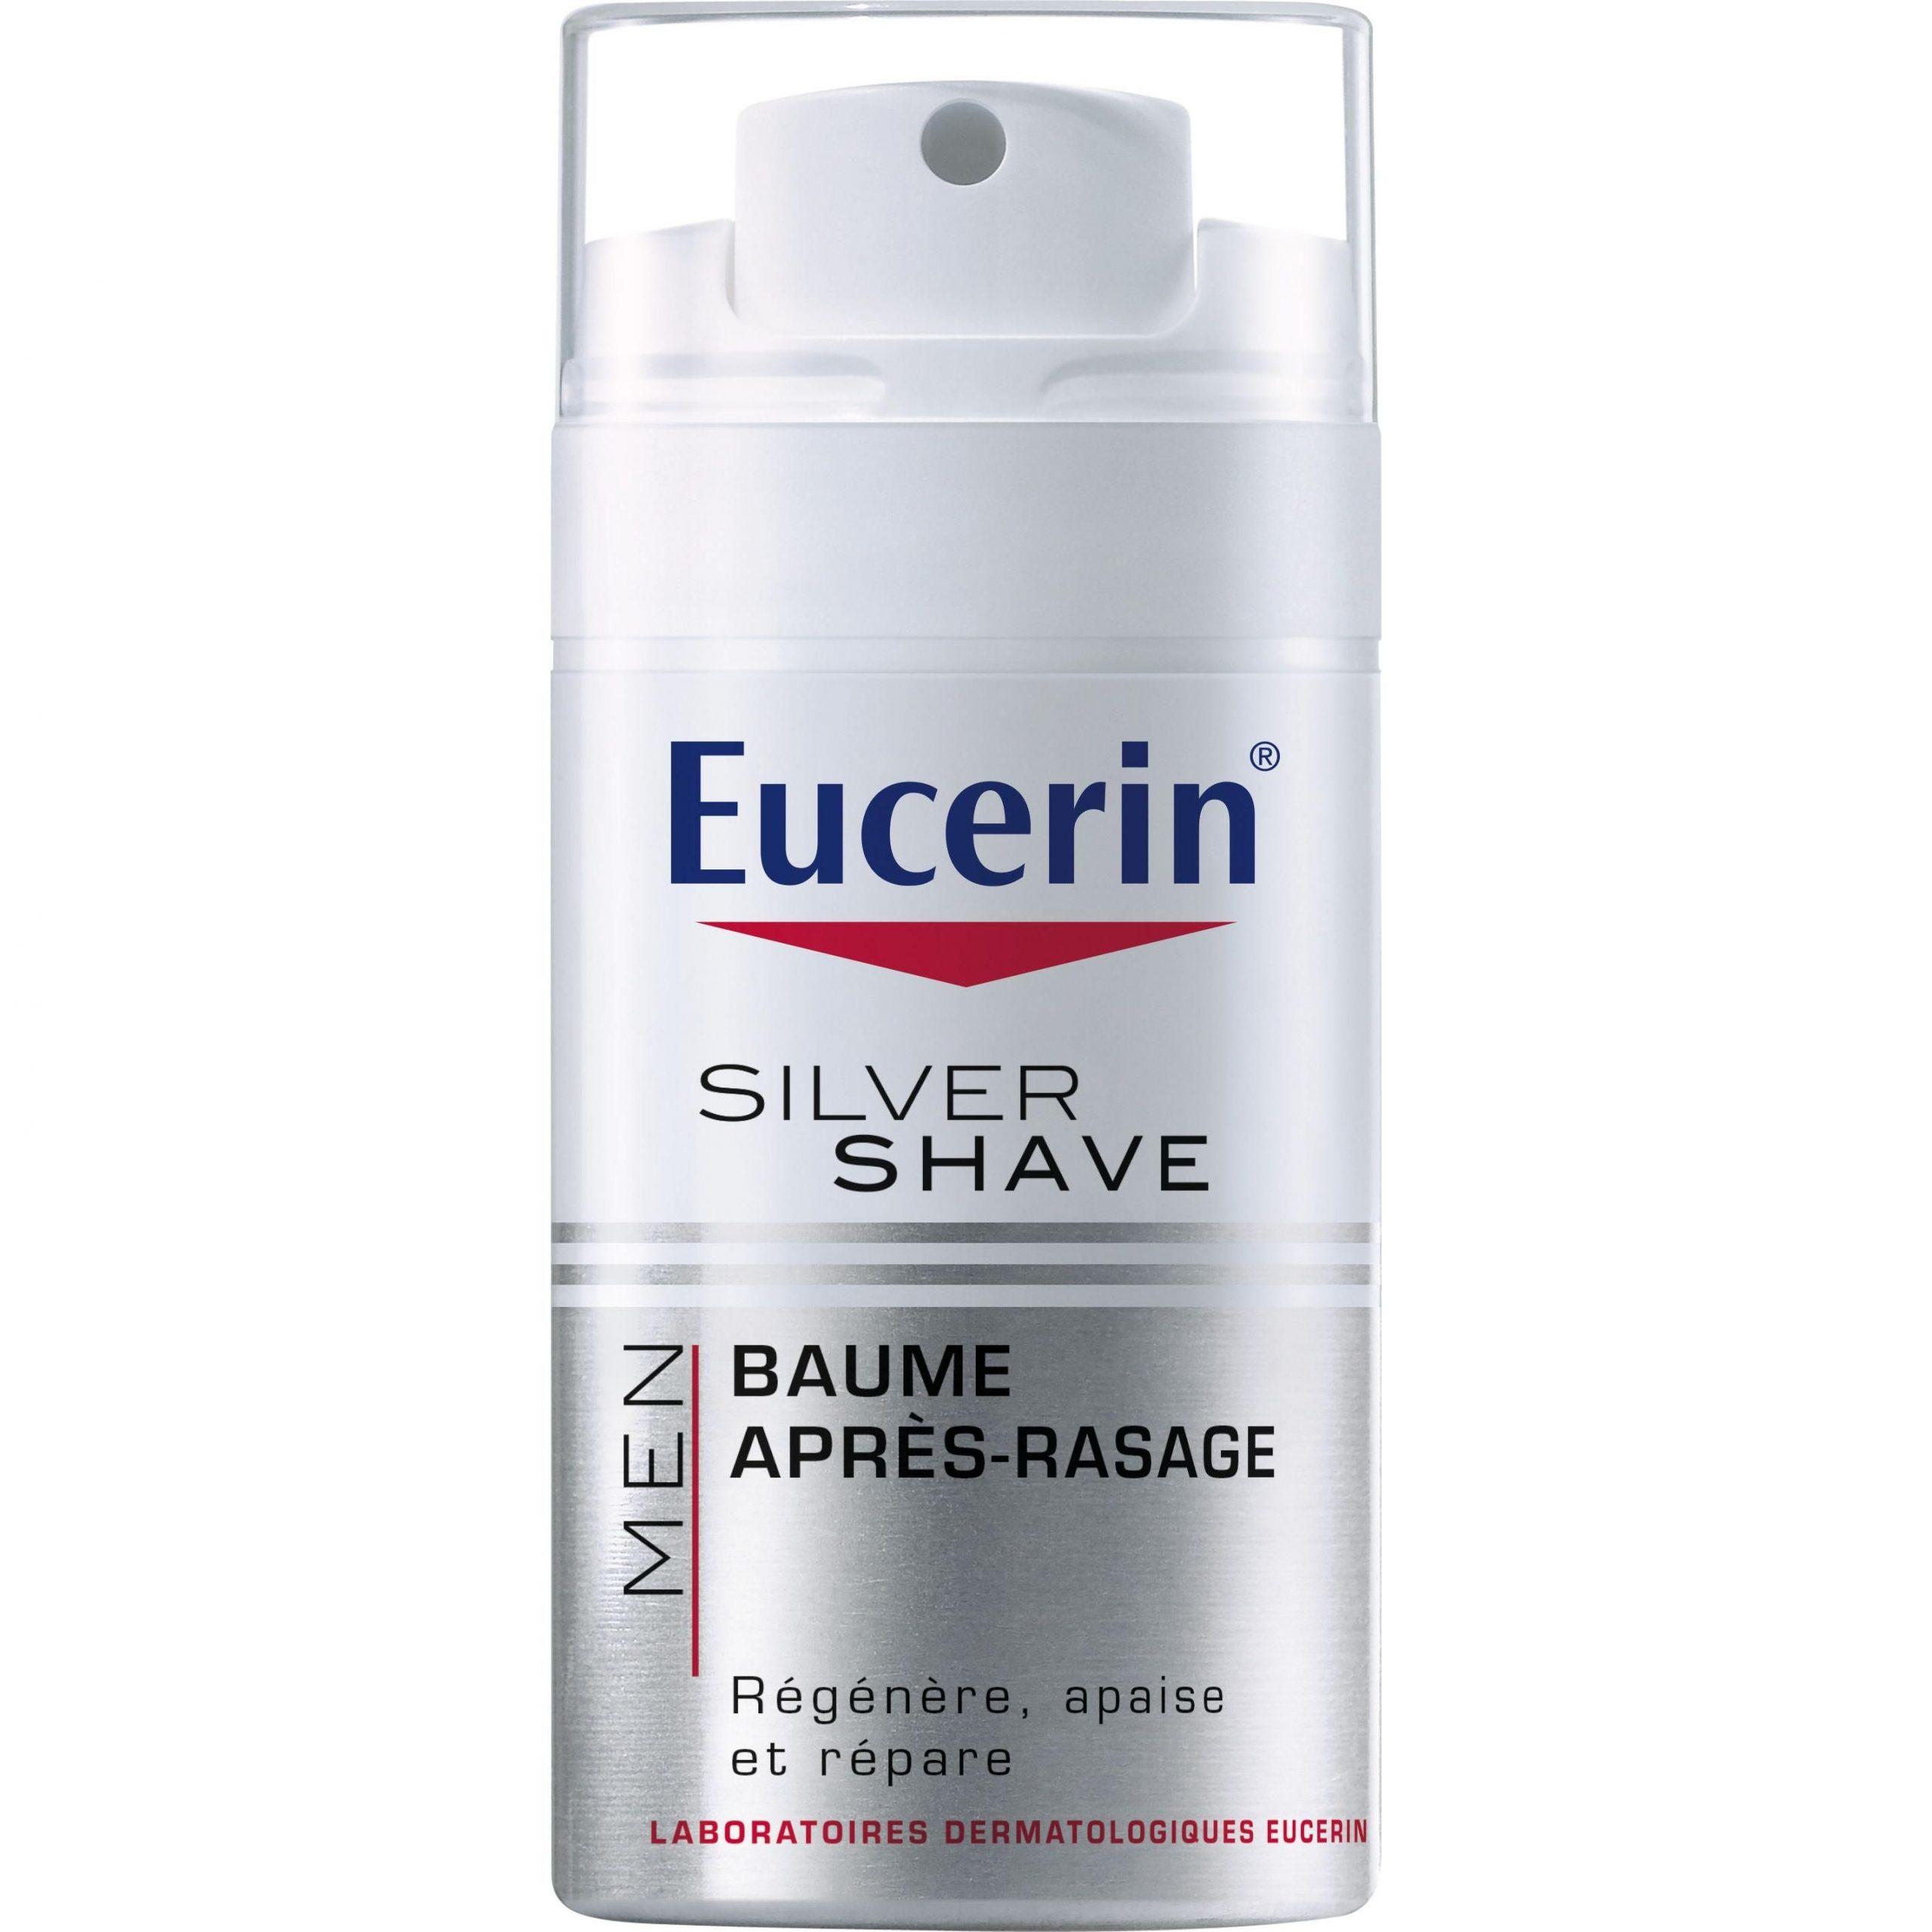 Eucerin Silver Shave bálsamo after shave bálsamo 75ml Bálsamo que previene las irritaciones del afeitado regenera calma y repara la piel para pieles sensibles.